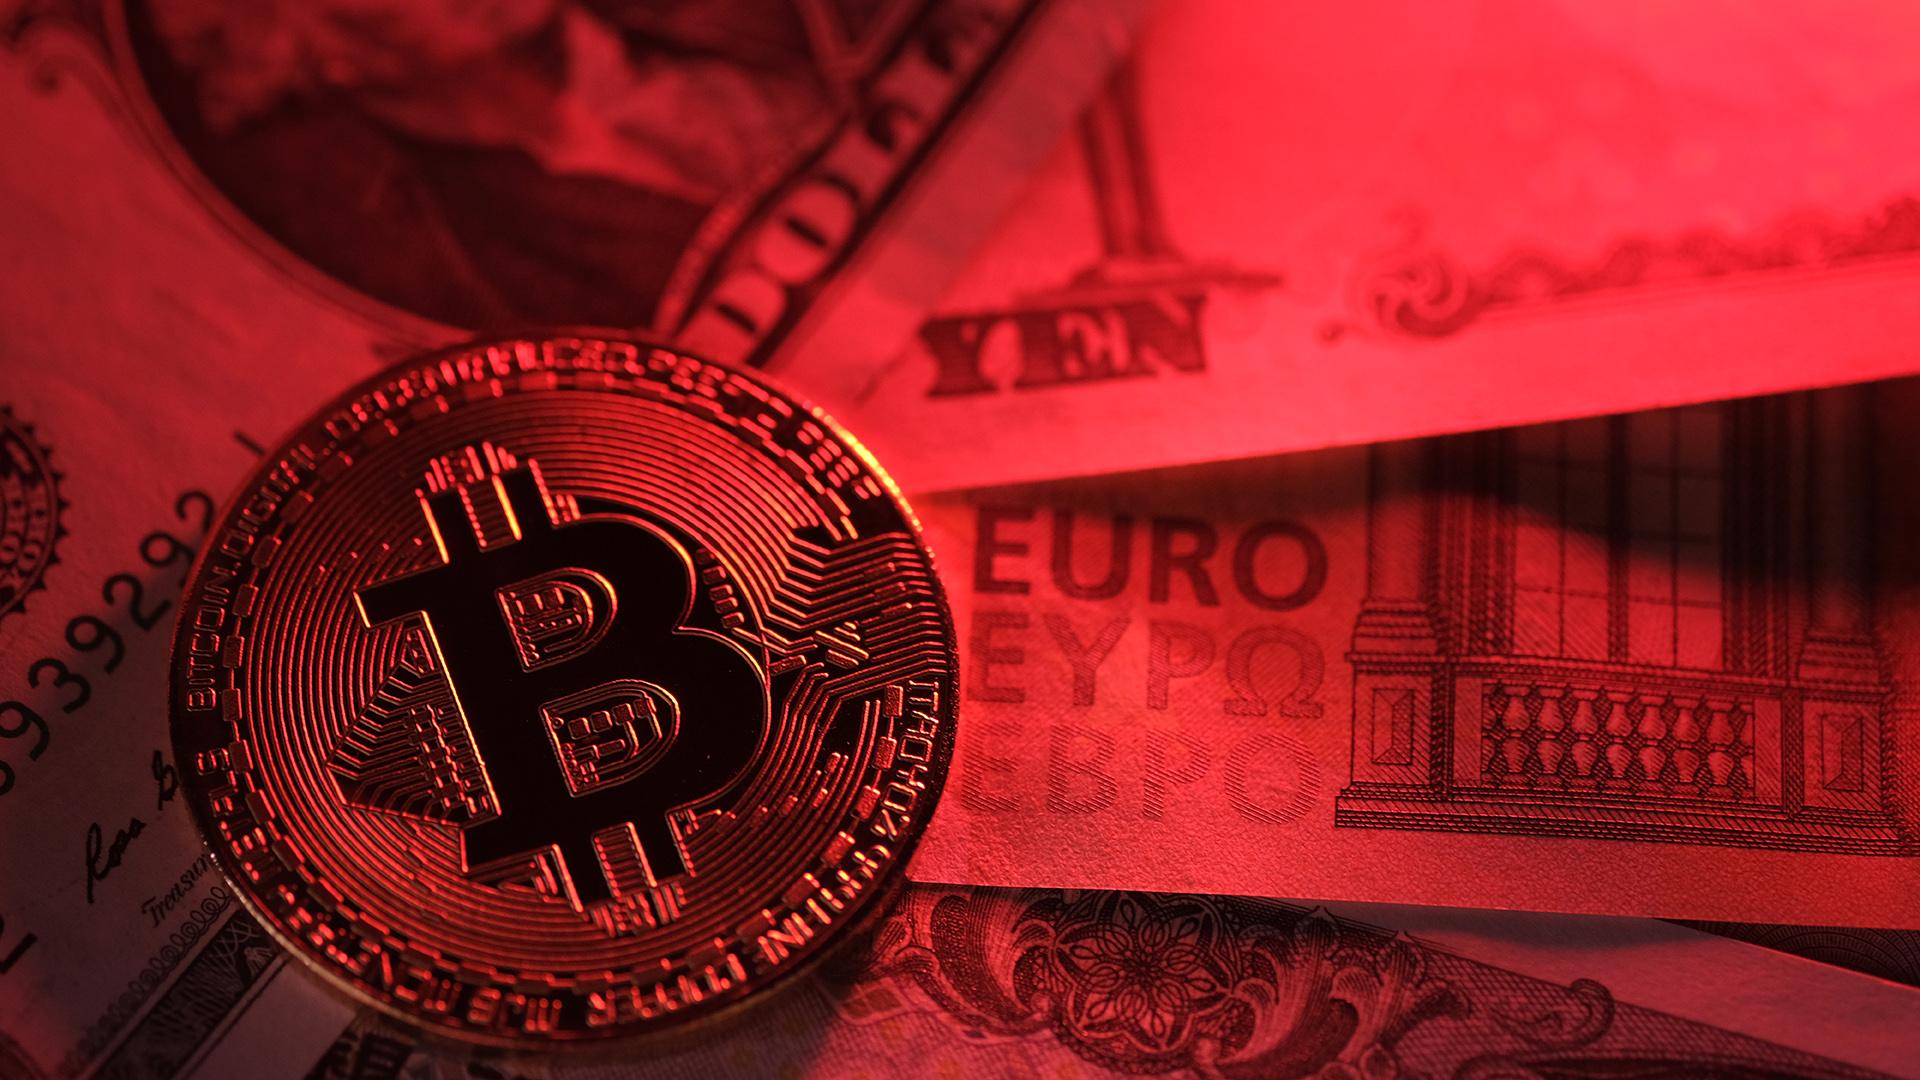 hogyan készítsünk 1 bitcoint havonta dnt btc tradingview